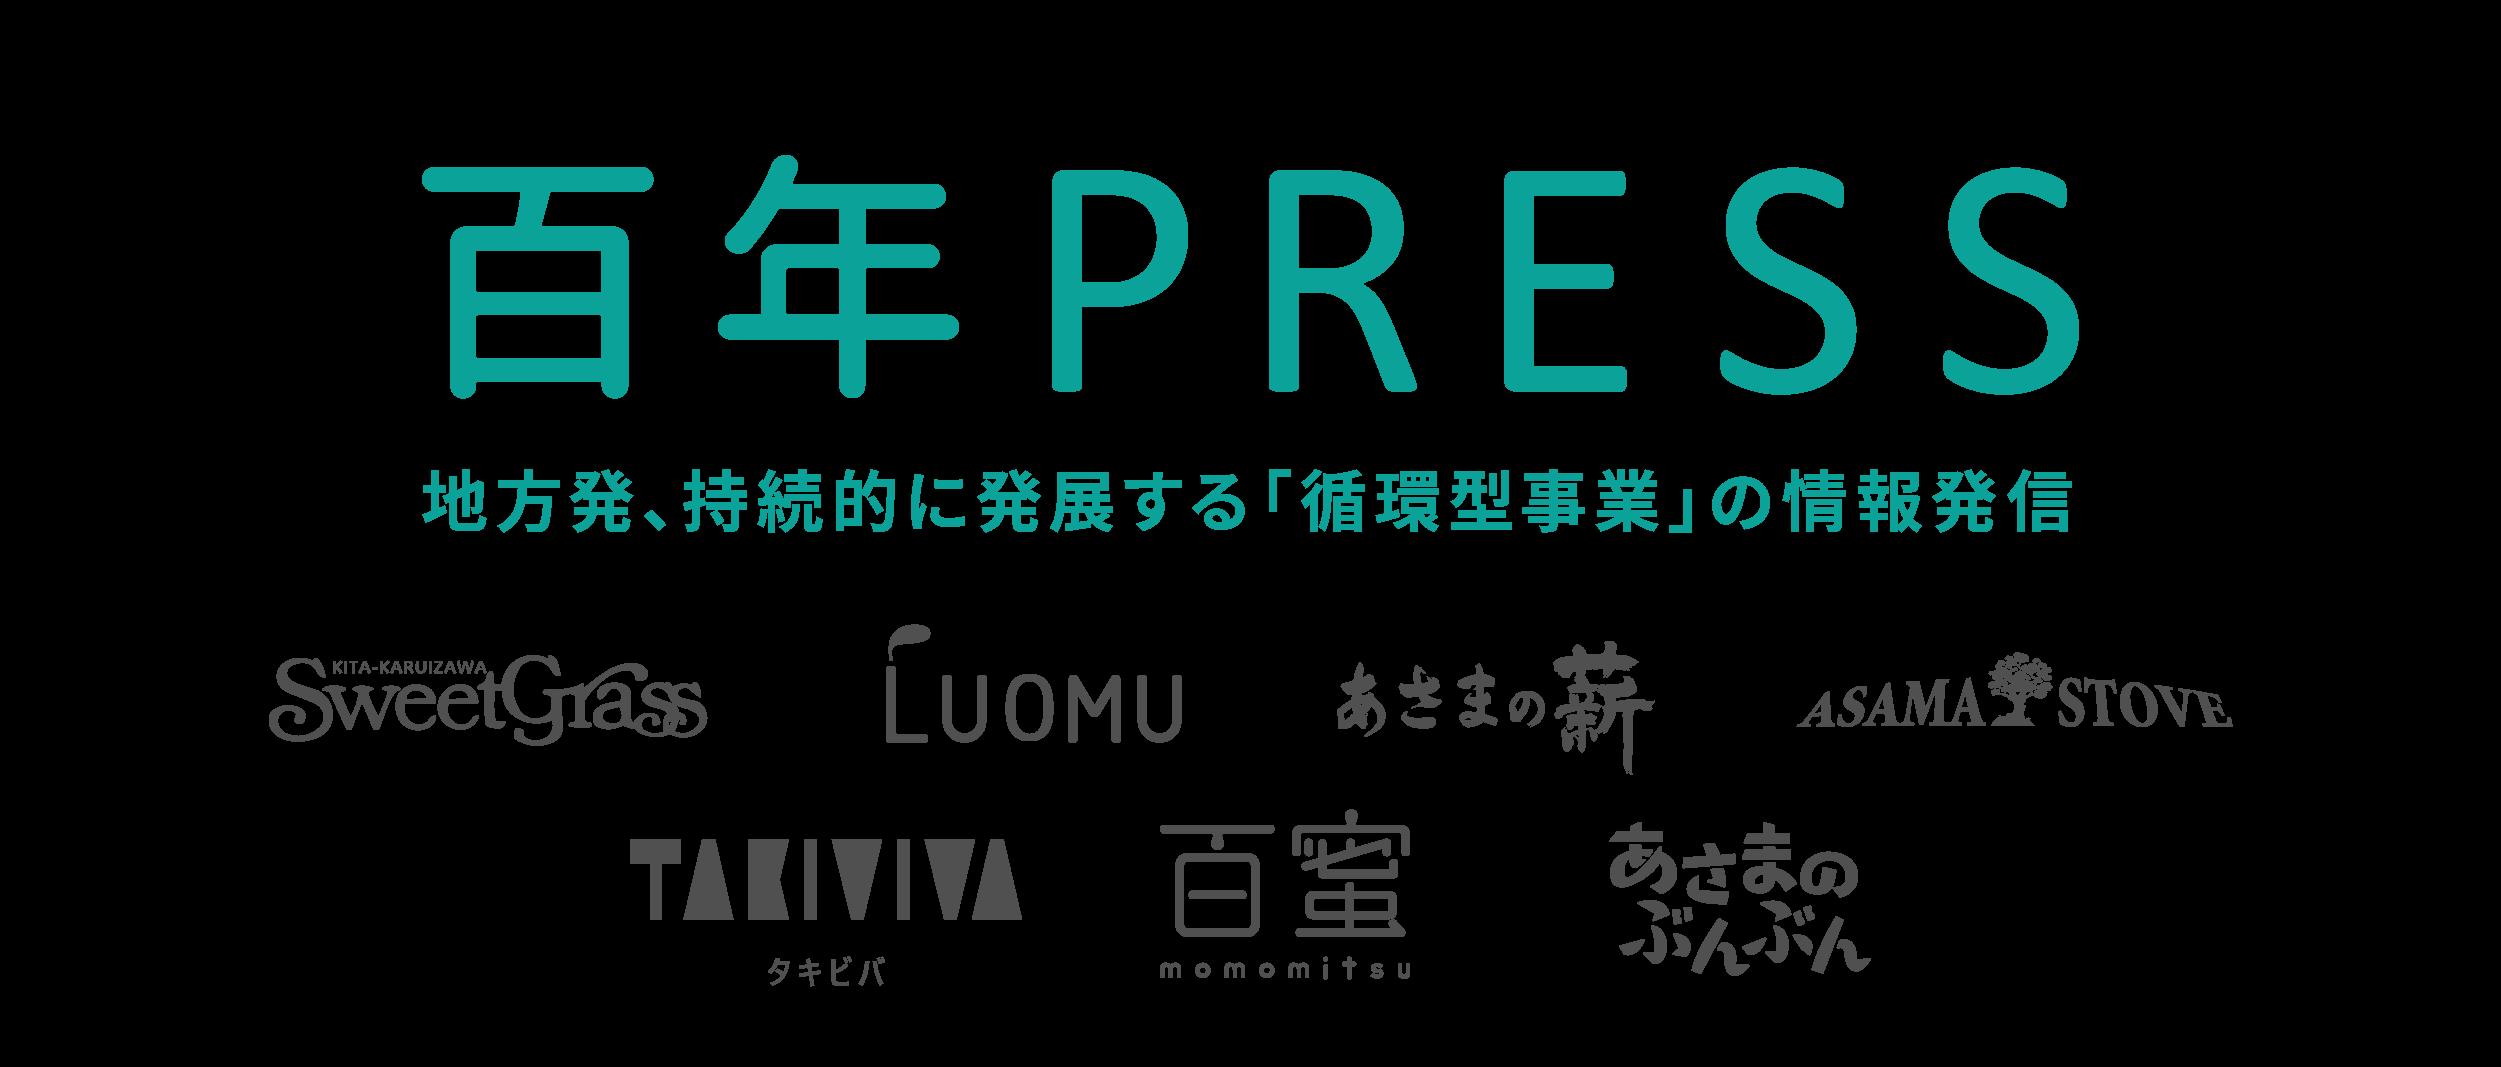 百年PRESS